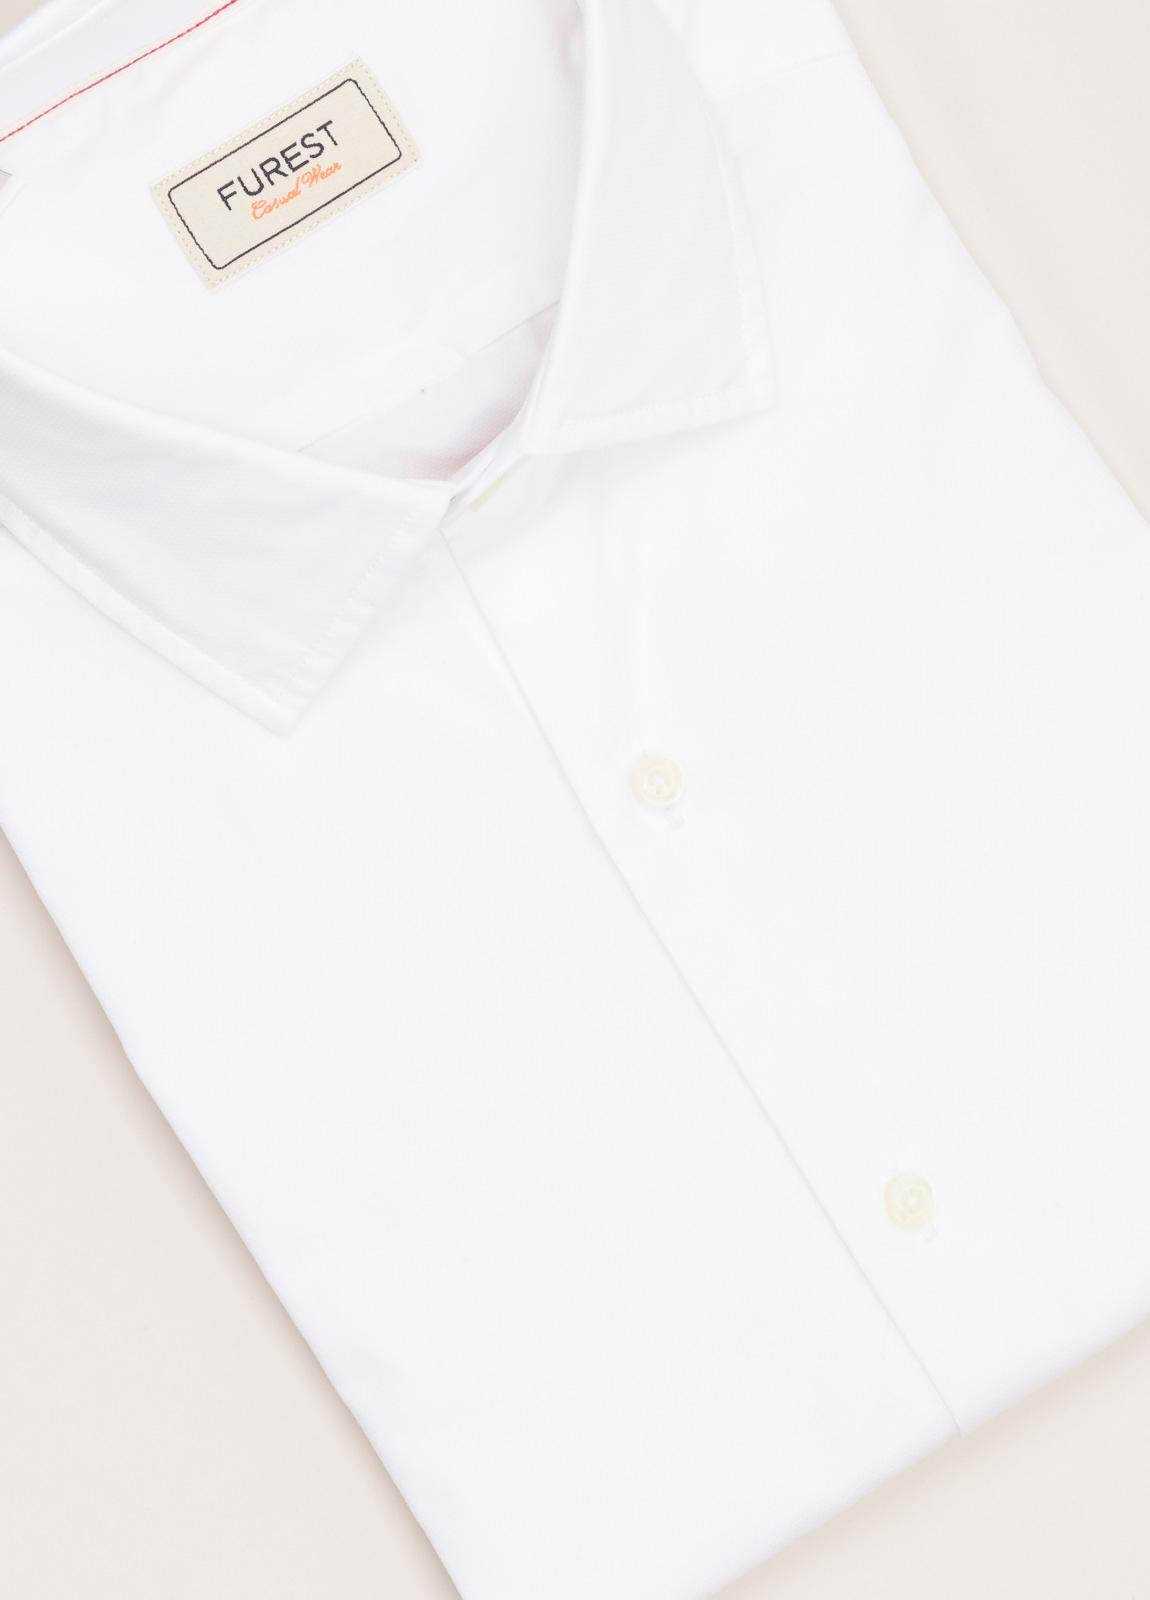 Camisa Casual Wear FUREST COLECCIÓN slim fit textura blanco - Ítem2